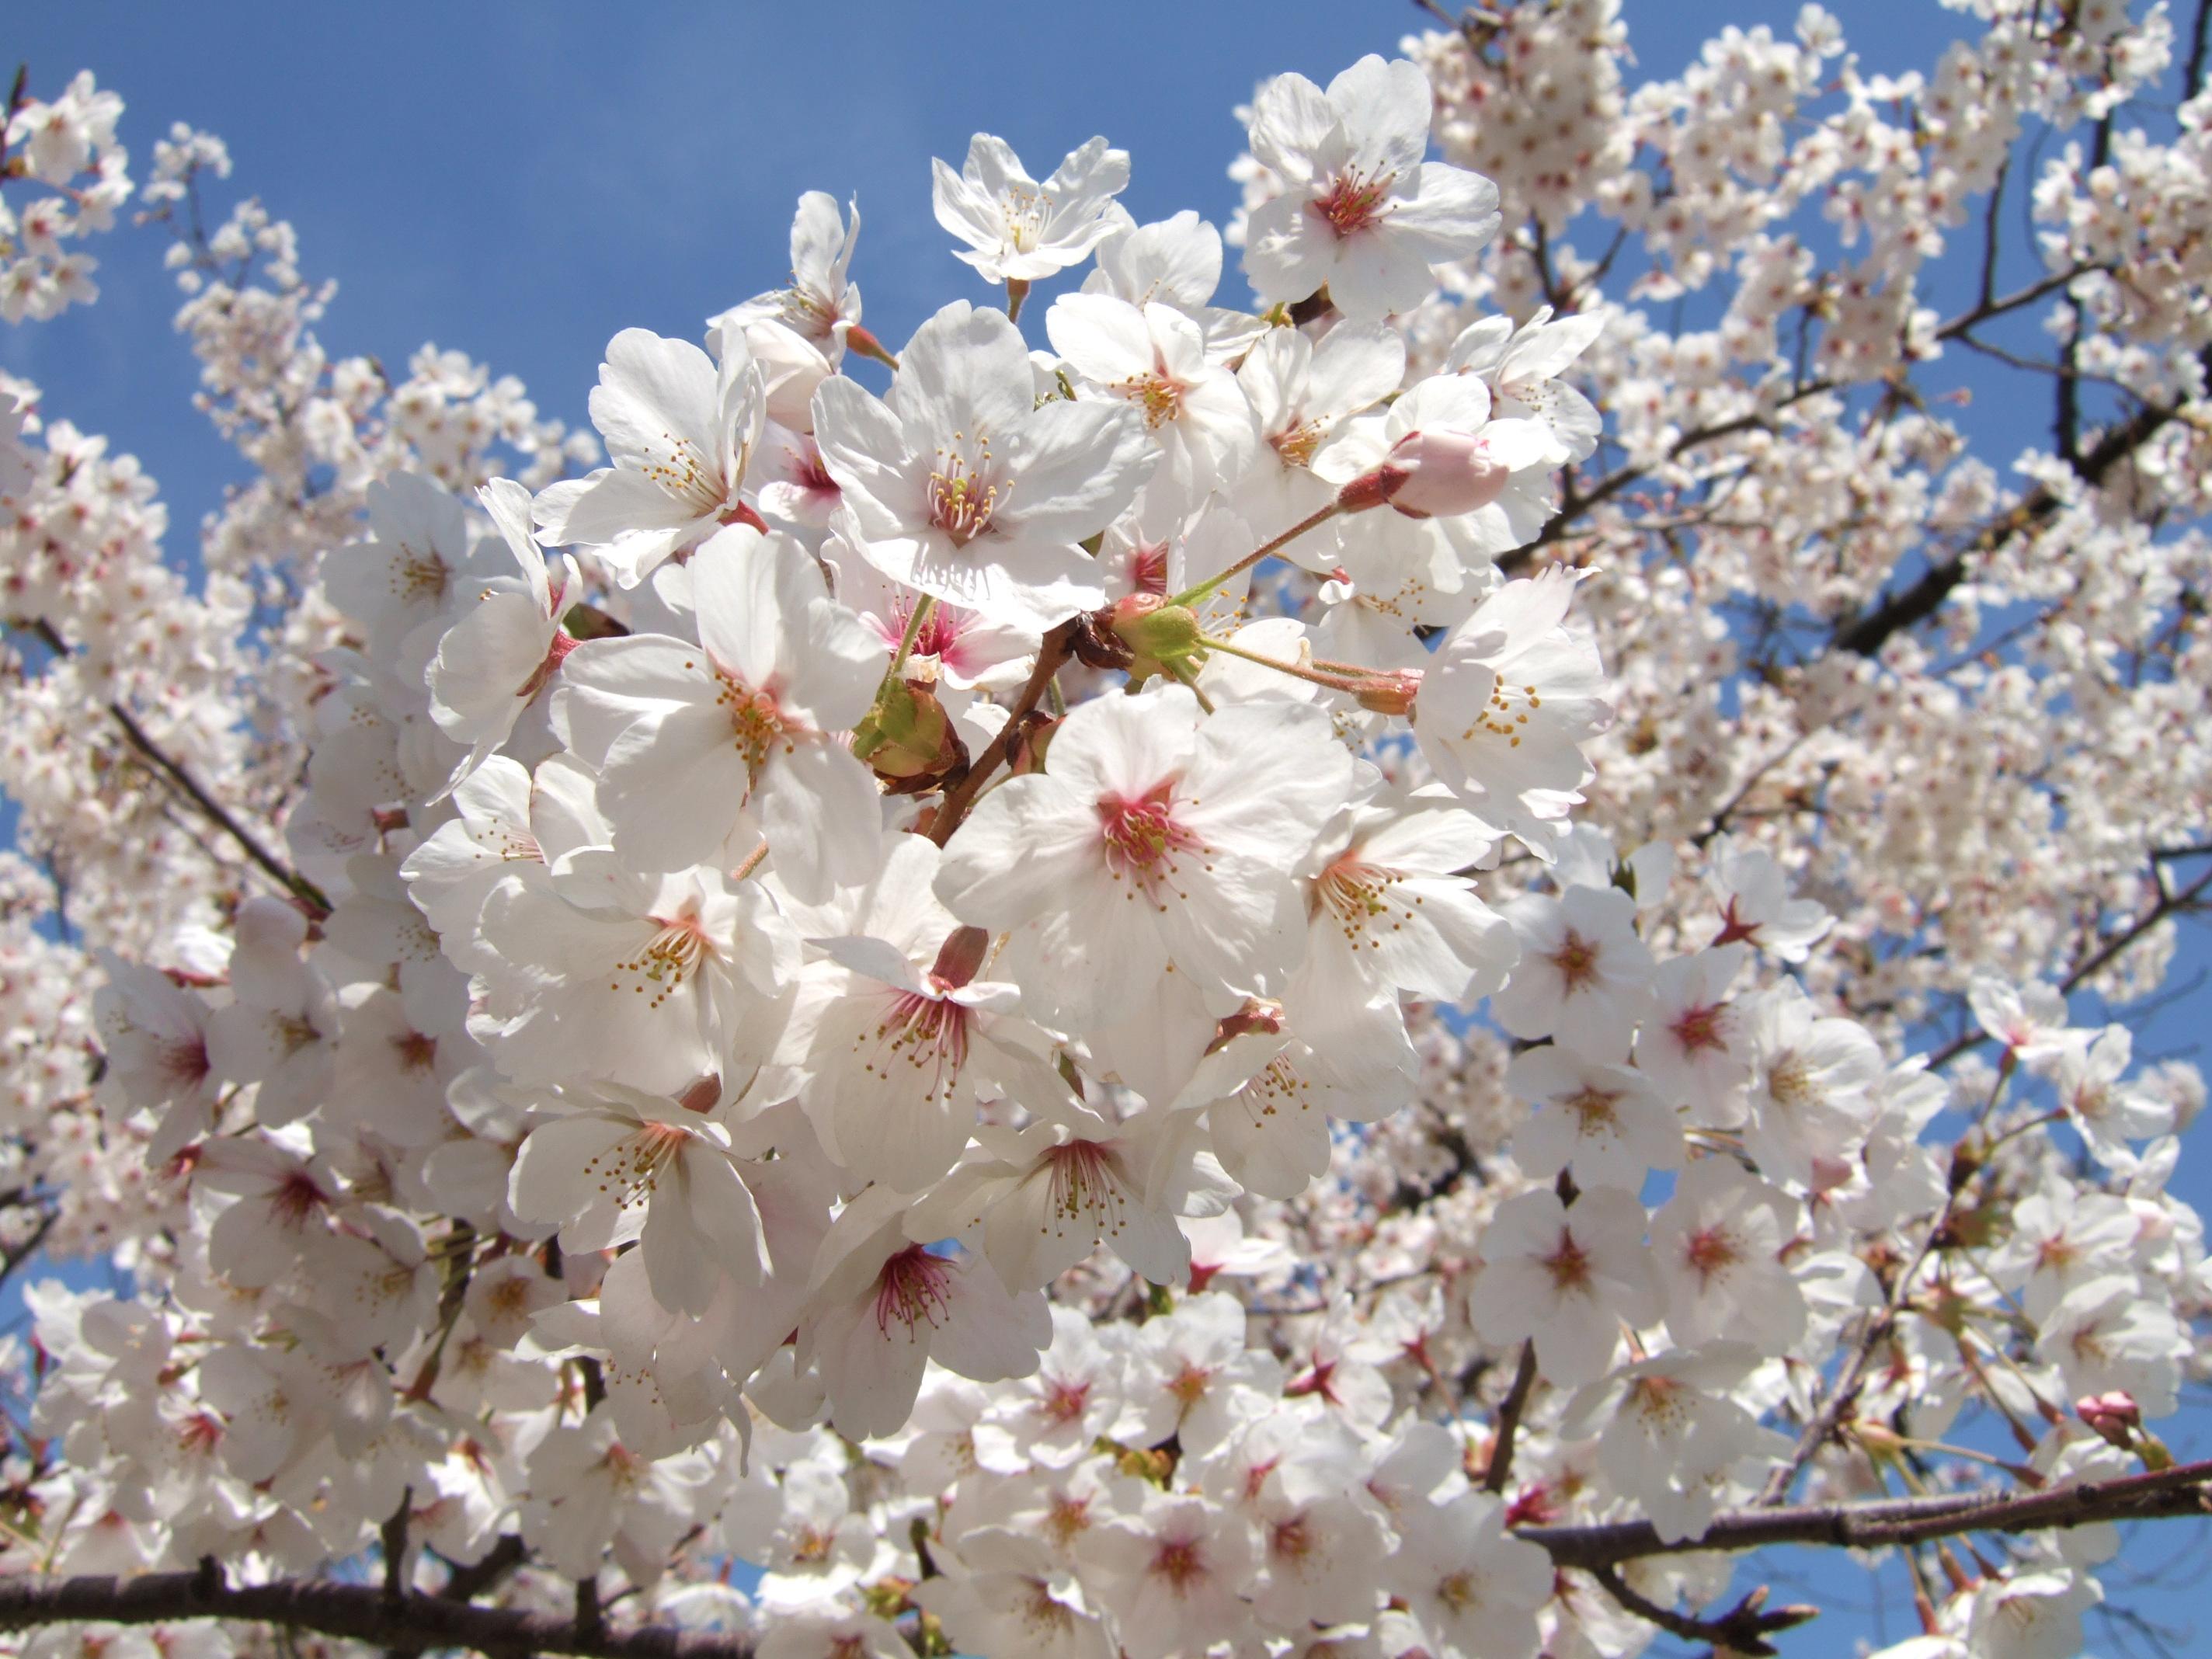 東京都内の桜の名所おすすめランキングBEST17!穴場情報もあり!